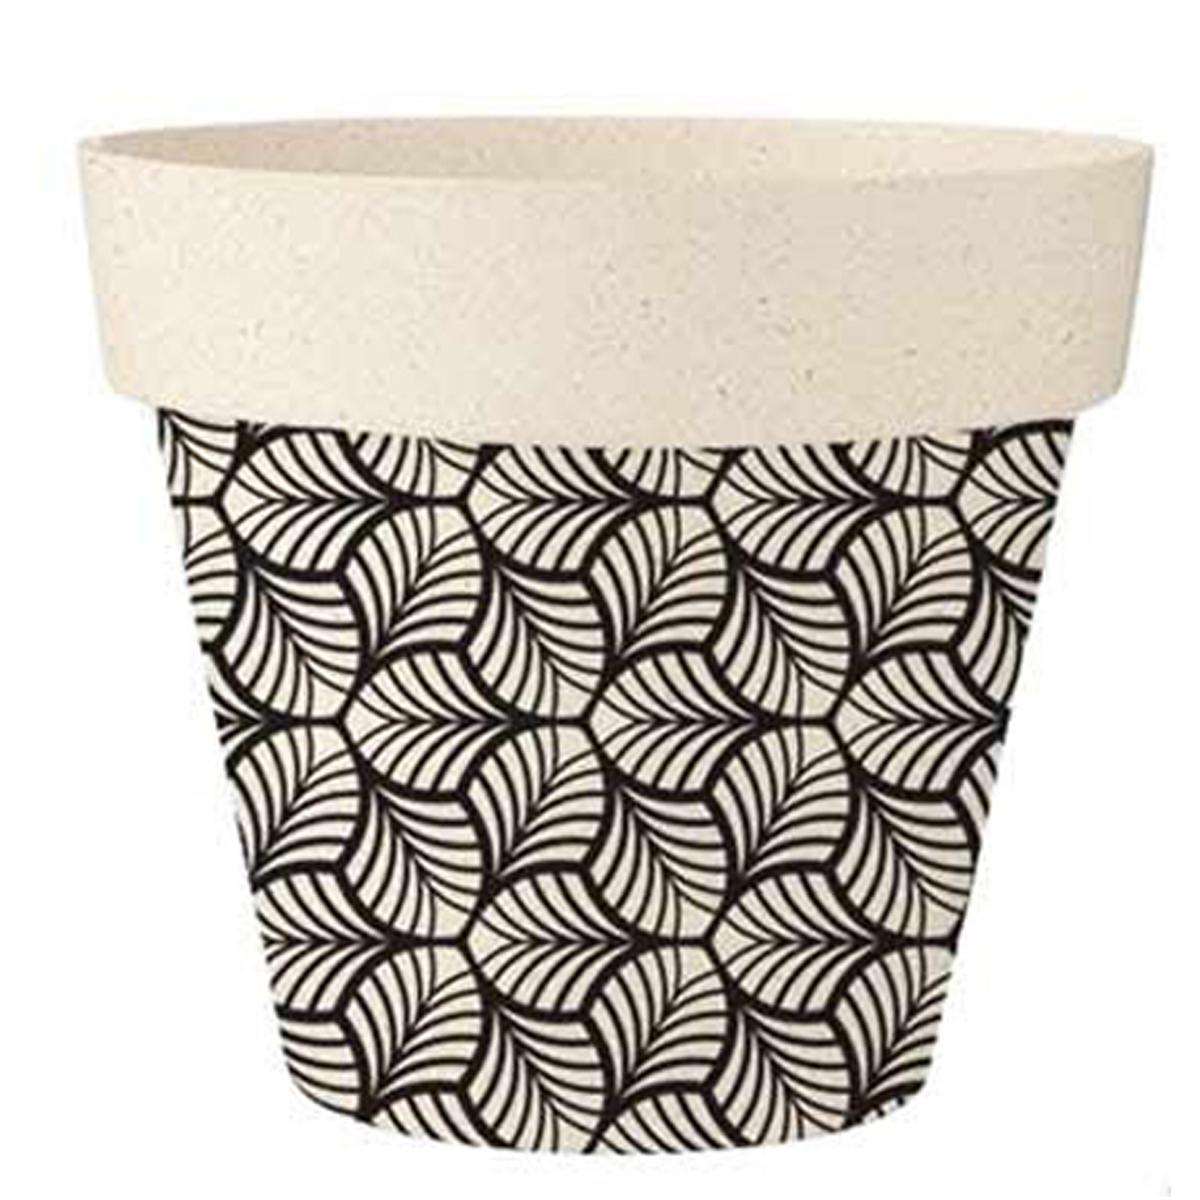 Cache-pot bambou \'Boho\' noir beige - 17x15 cm - [R2219]